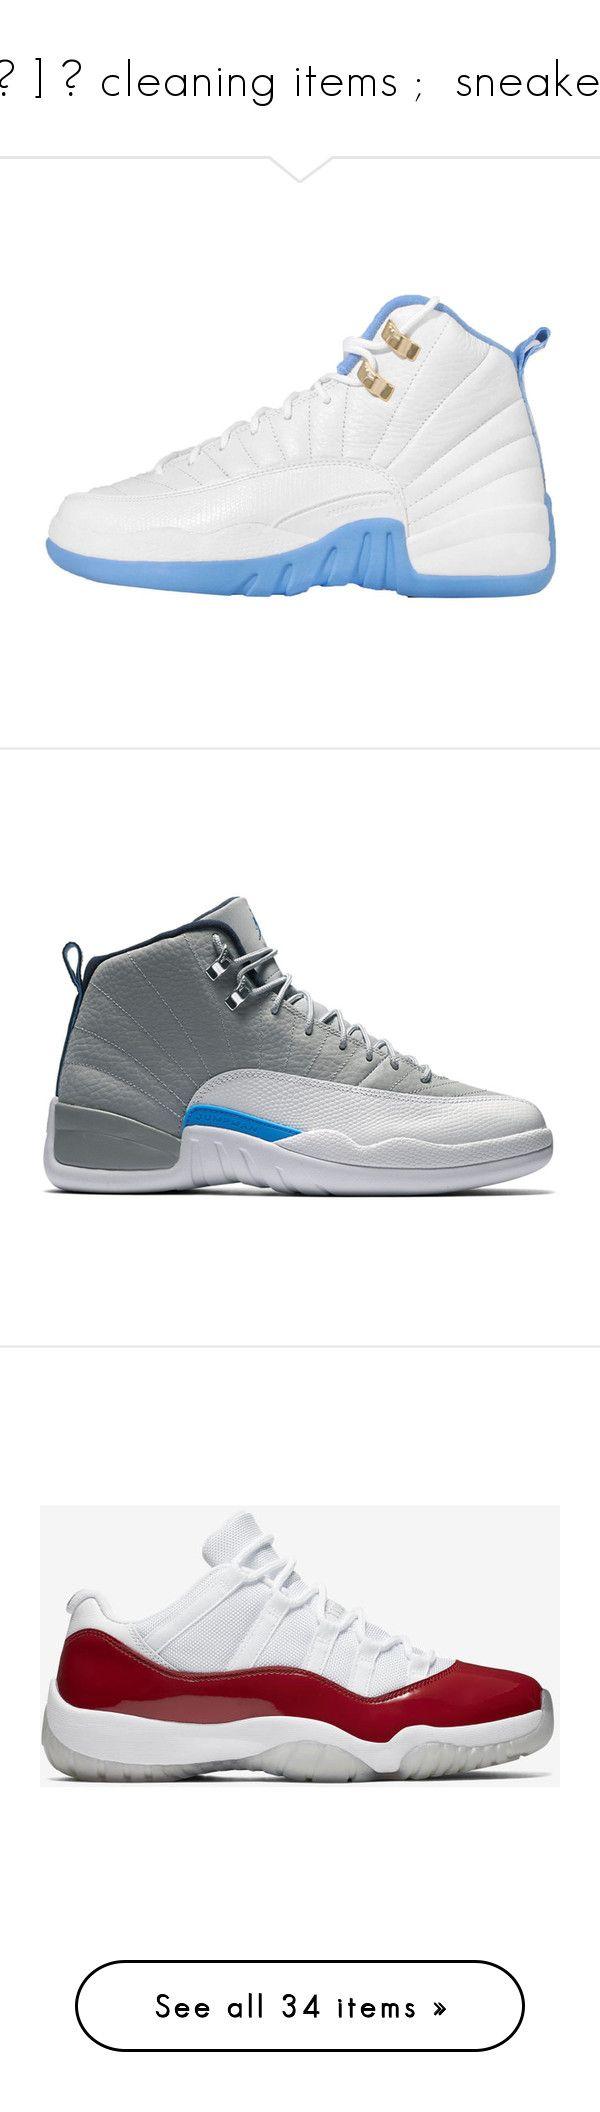 """""""[ 💌 ] 一 cleaning items ;  sneakers"""" by t0xicwifi ❤ liked on Polyvore featuring shoes, sneakers, jordans, jordan 12, jordan 11, concord sneakers, black white sneakers, white and black sneakers, low sneakers and black white shoes"""